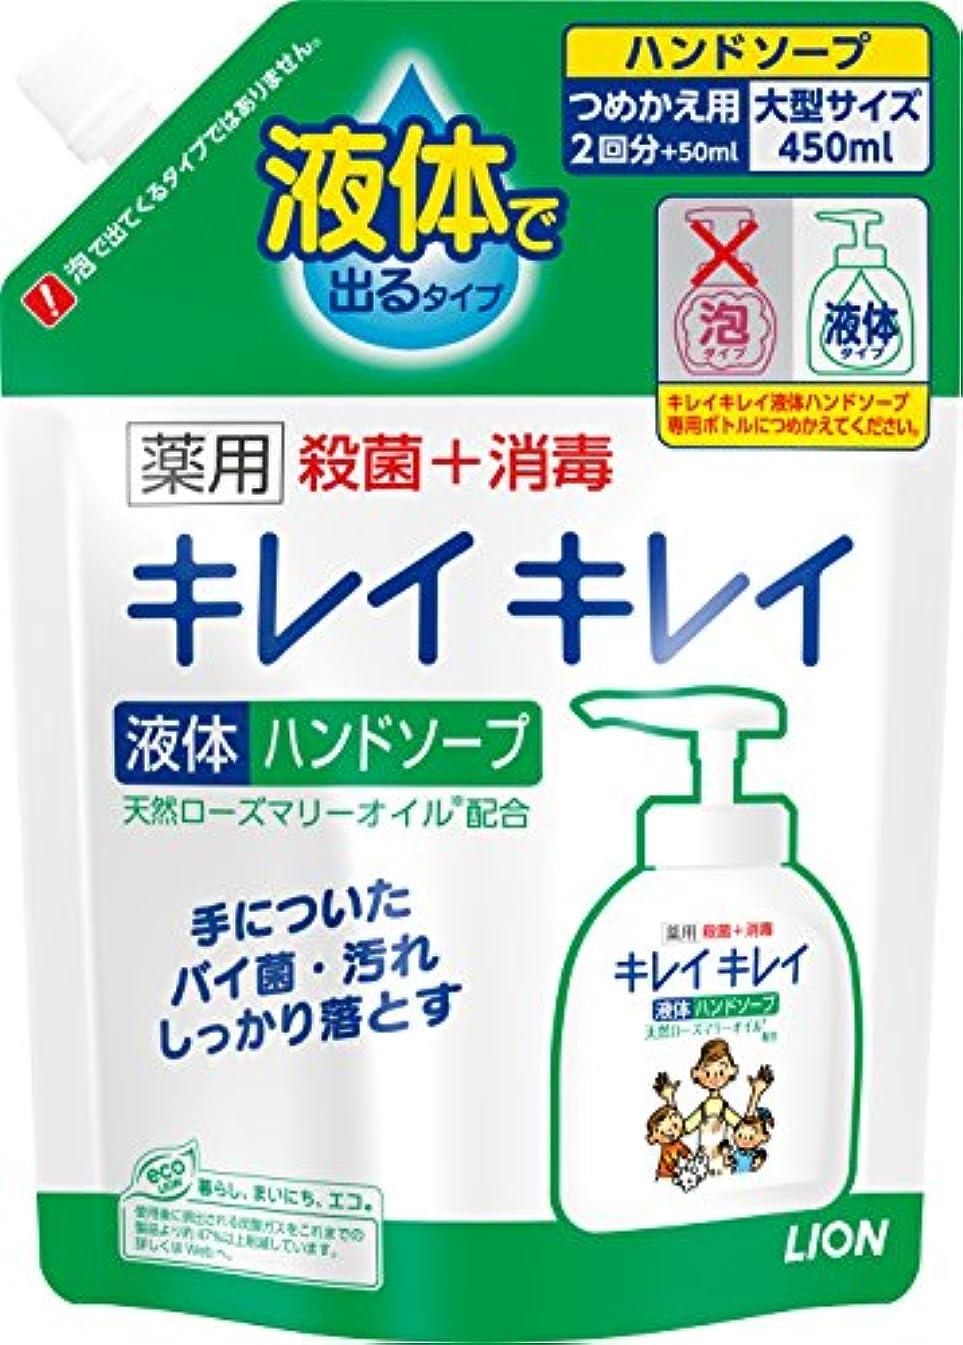 虐殺何もない香水キレイキレイ 薬用 液体ハンドソープ 詰め替え 450ml(医薬部外品)